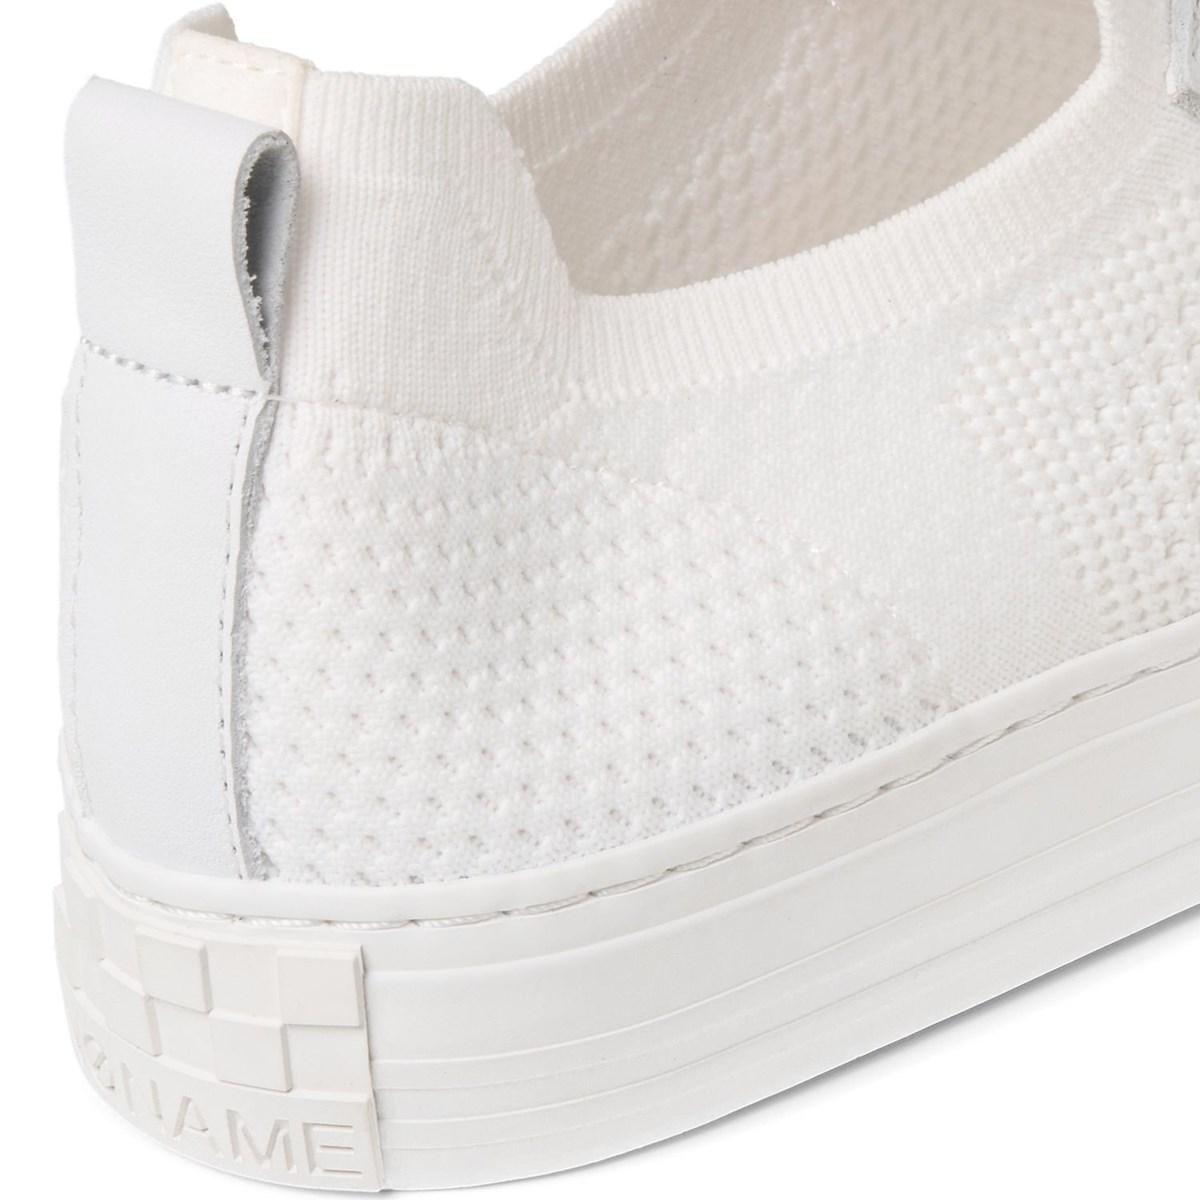 [新入荷]ARCADE-11529-WHITE アルカデ ホワイト